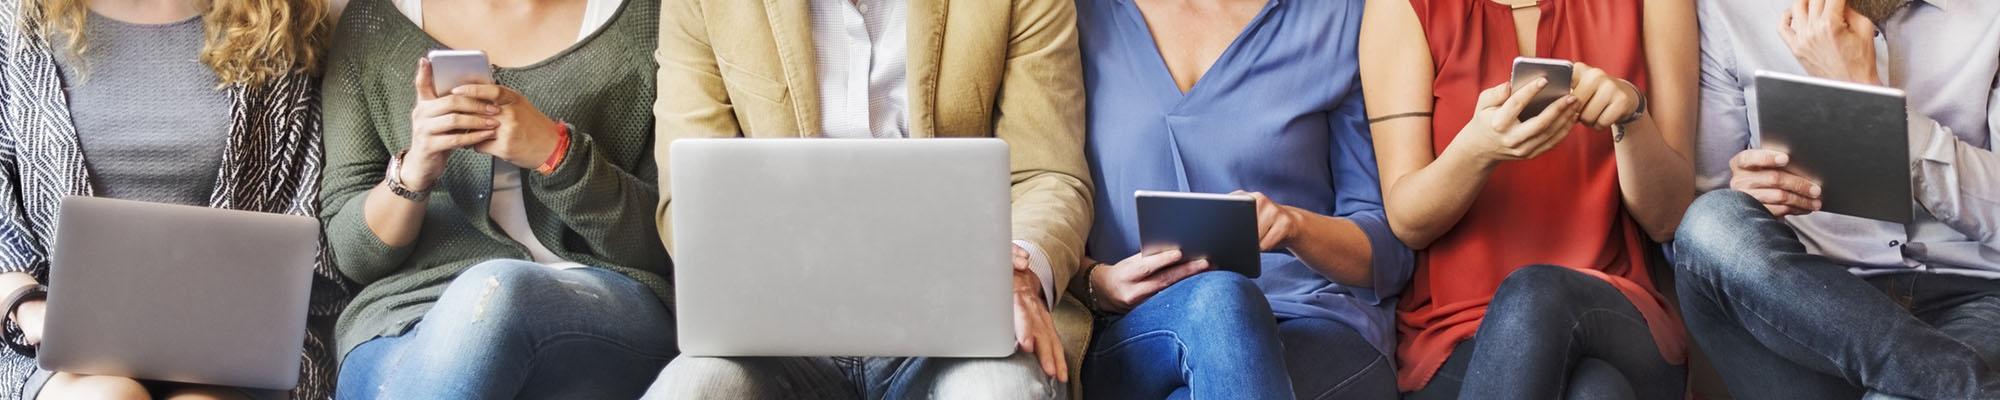 Zu sehen sind Smartphone-, Tablet und Laptop-Nutzer des TarifhausClubs.